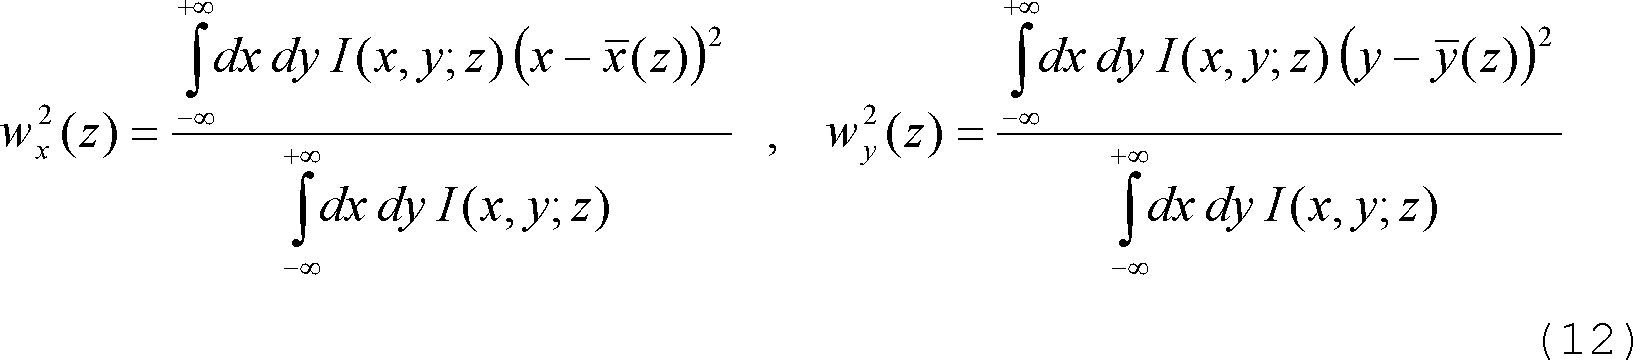 Figure DE102014208792A1_0013